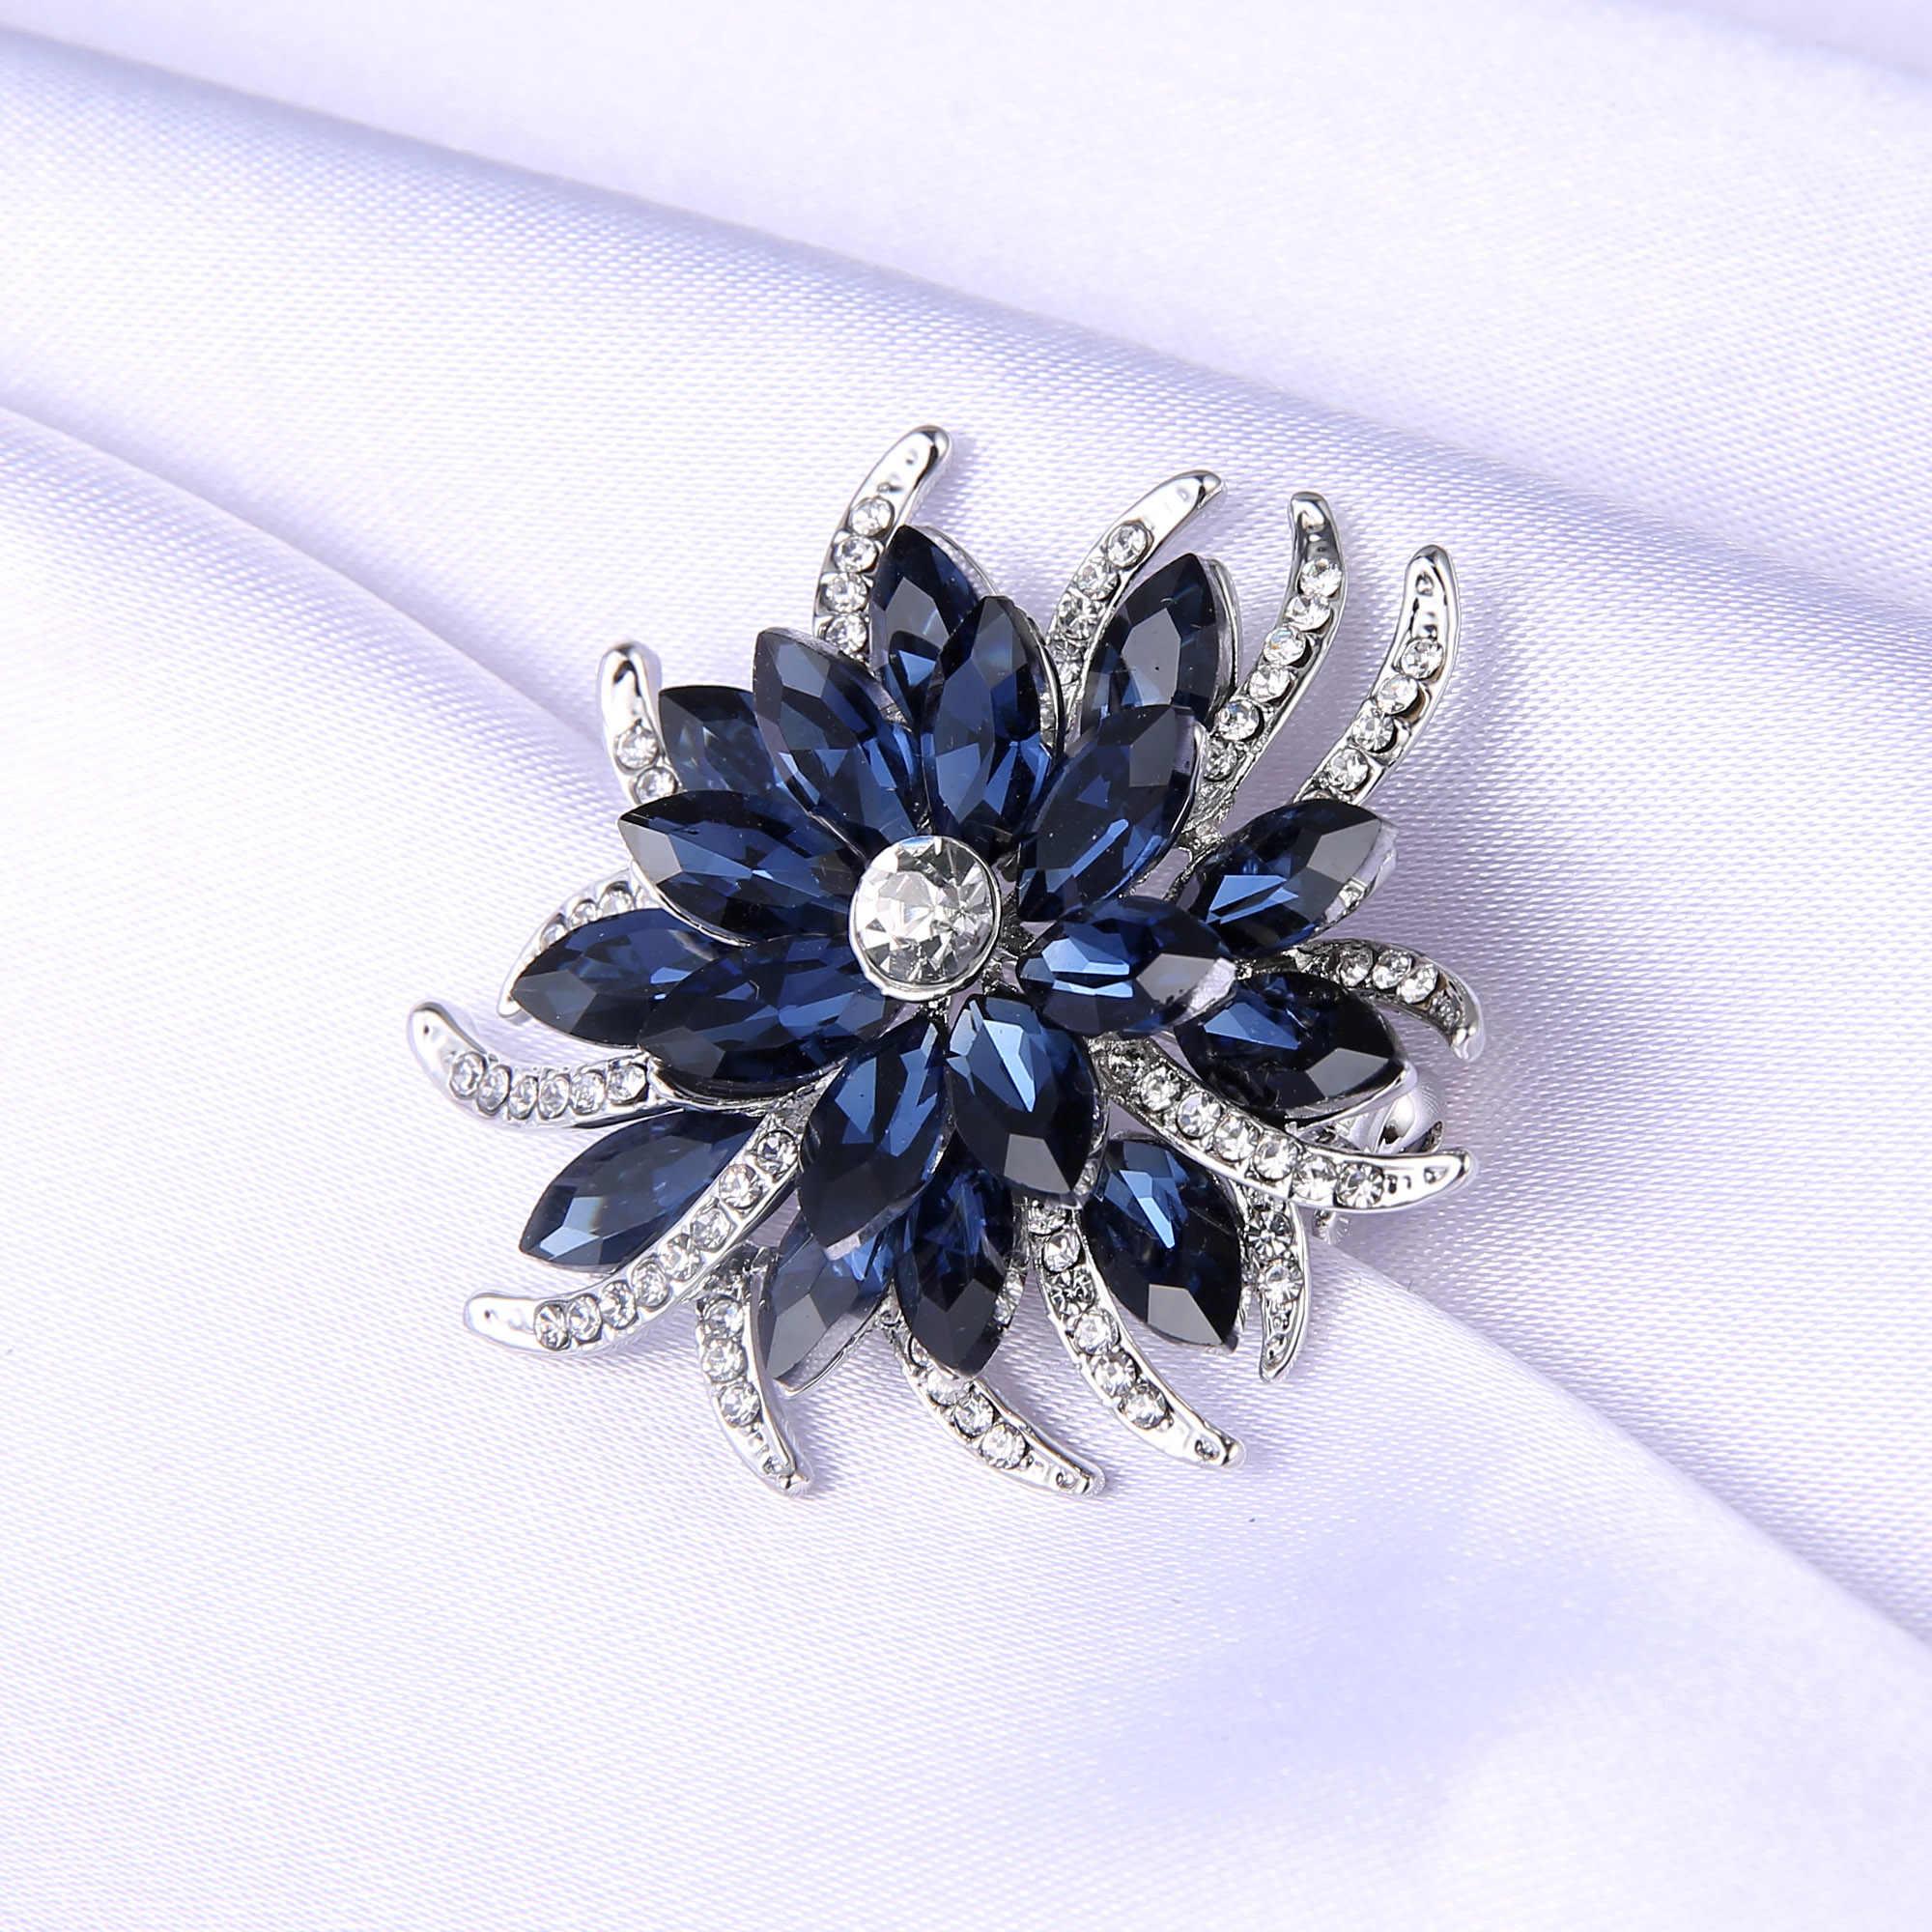 קריסטל סיכת סיכות נשים סגול פרח Broches נירוסטה תכשיטי אופנה מסיבת חתונת סיכת תכשיטים